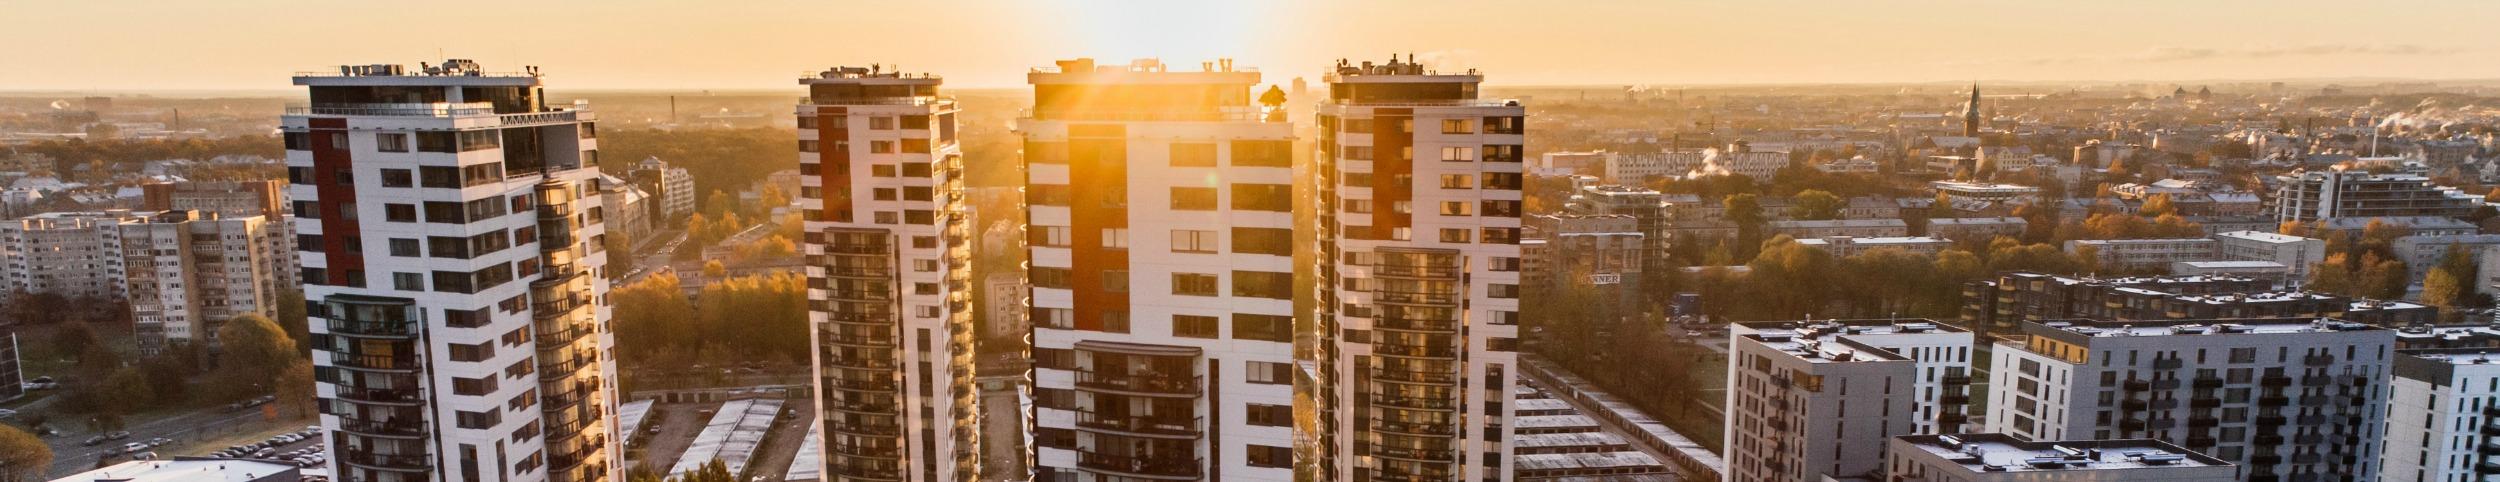 Pogled iz zraka na nebodere i zgrade u suton